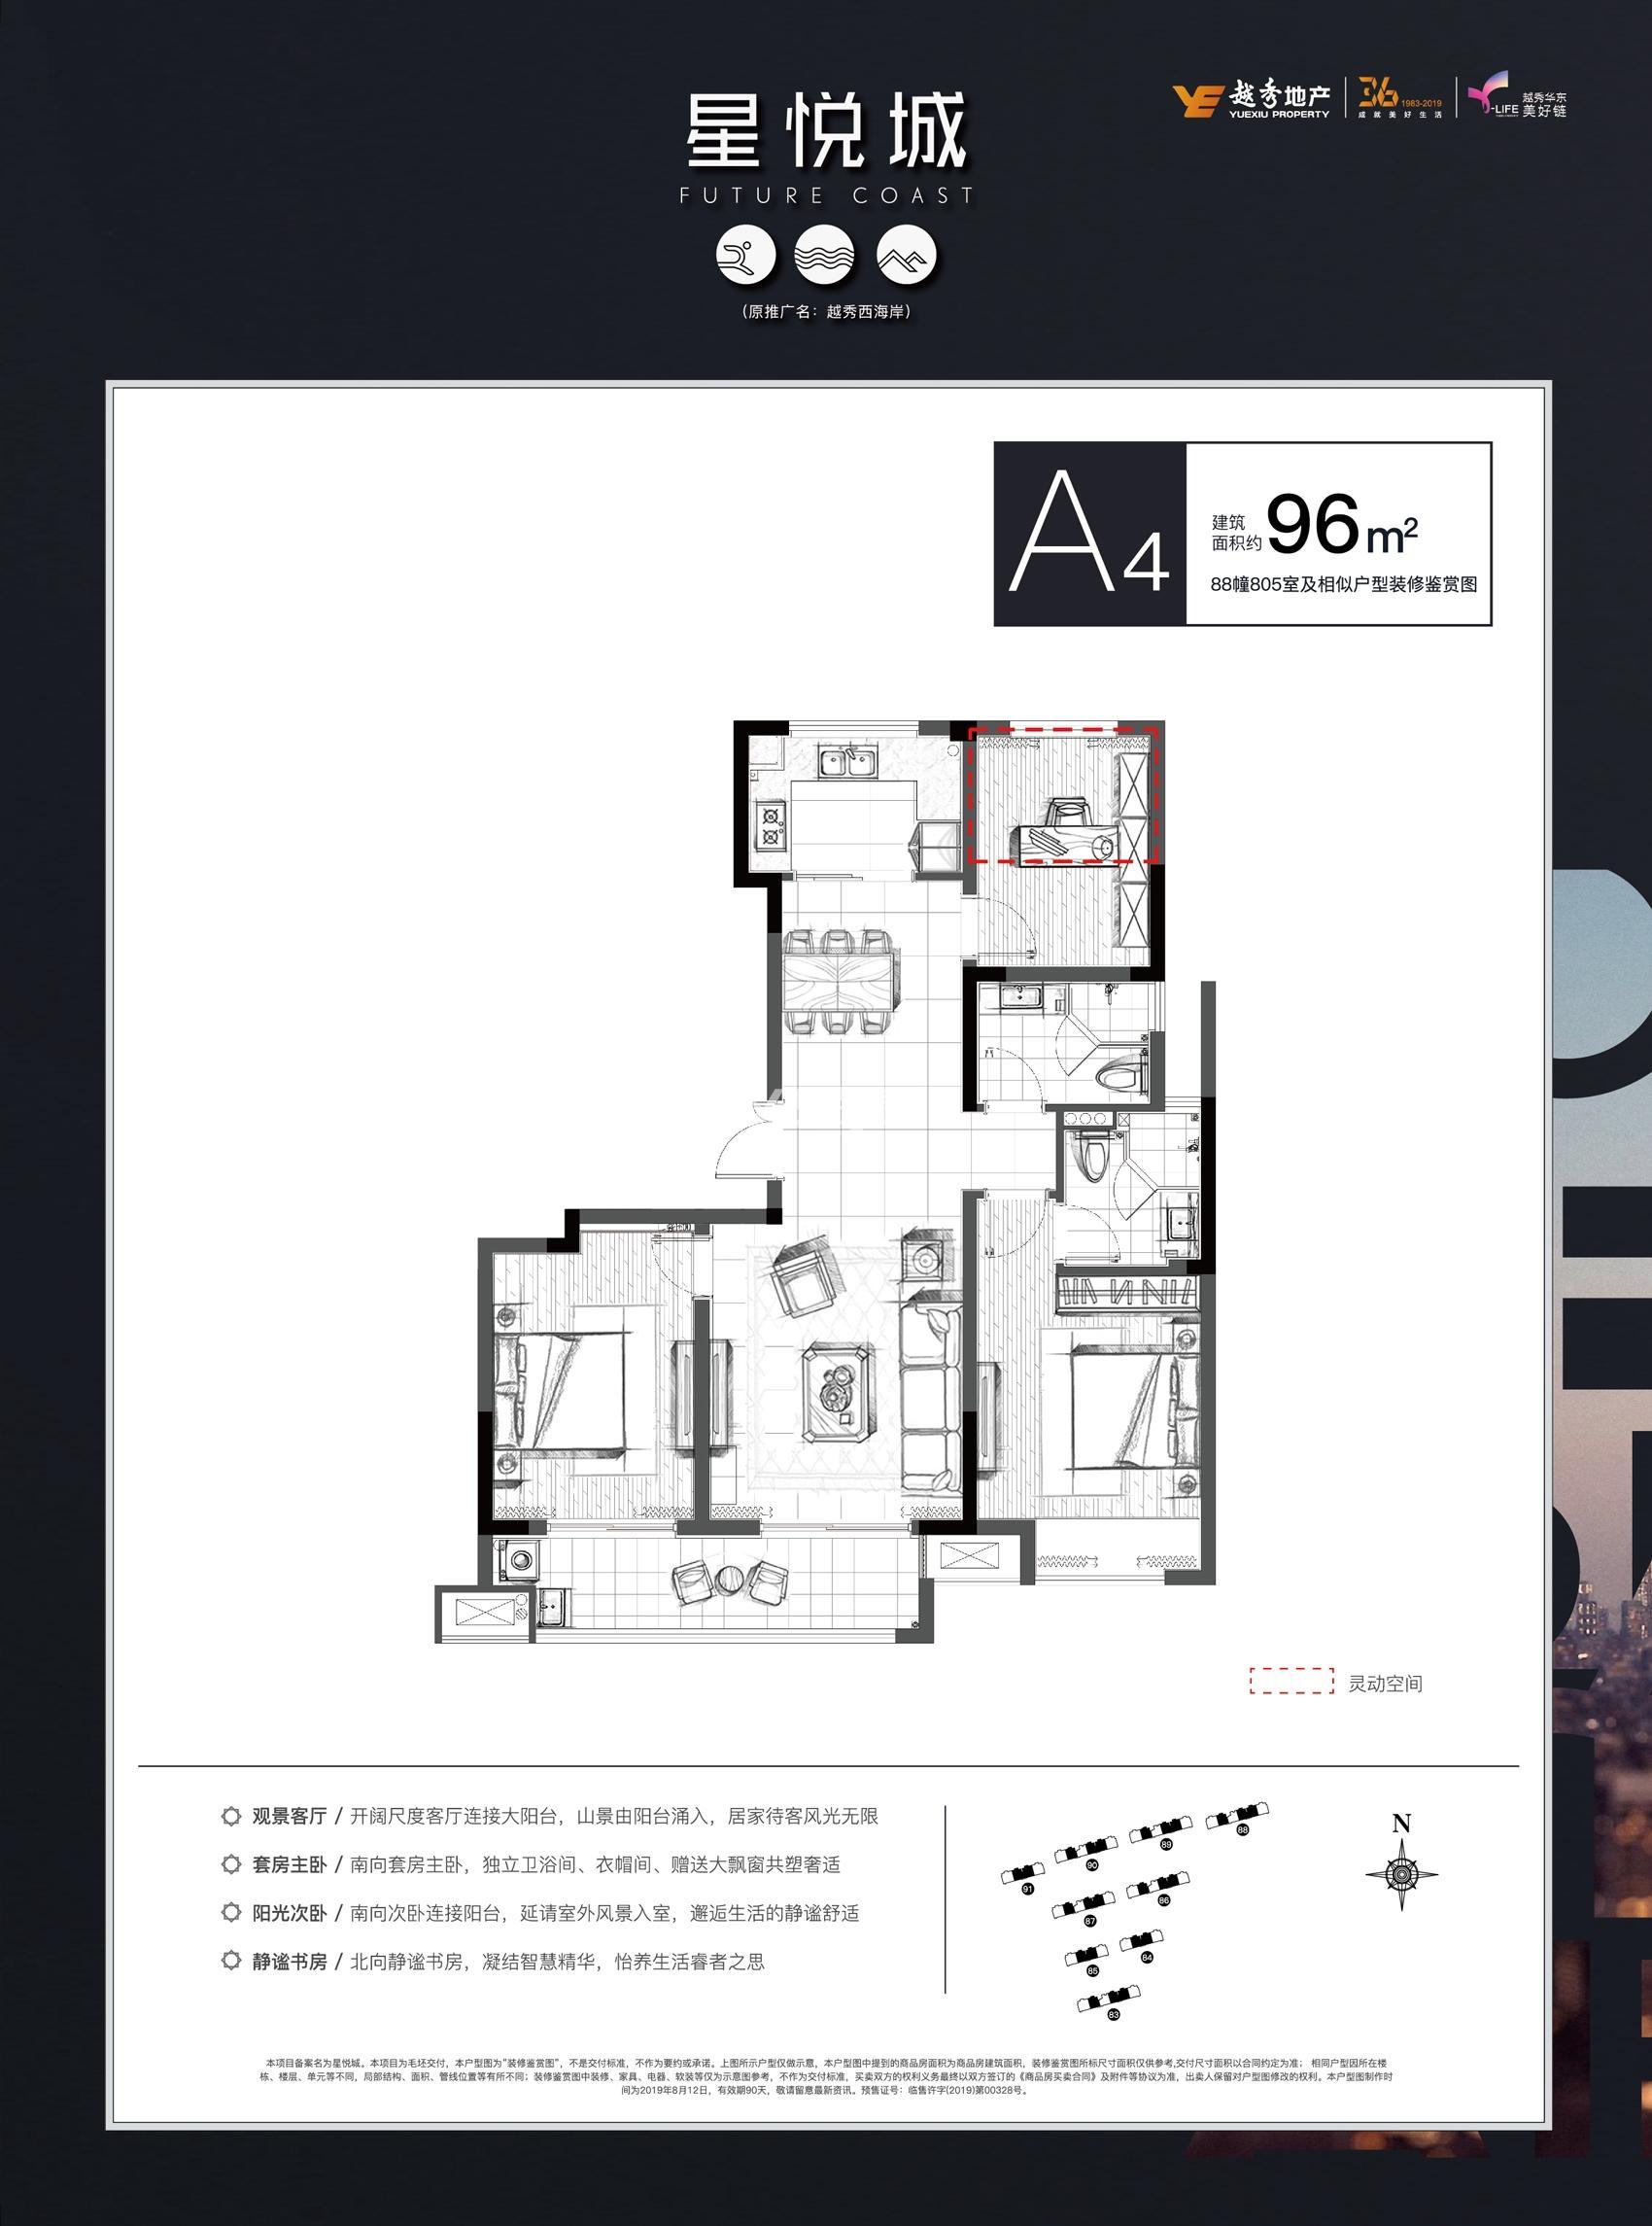 越秀星悦城二期小高层A4户型约96㎡(83-91#中间套)